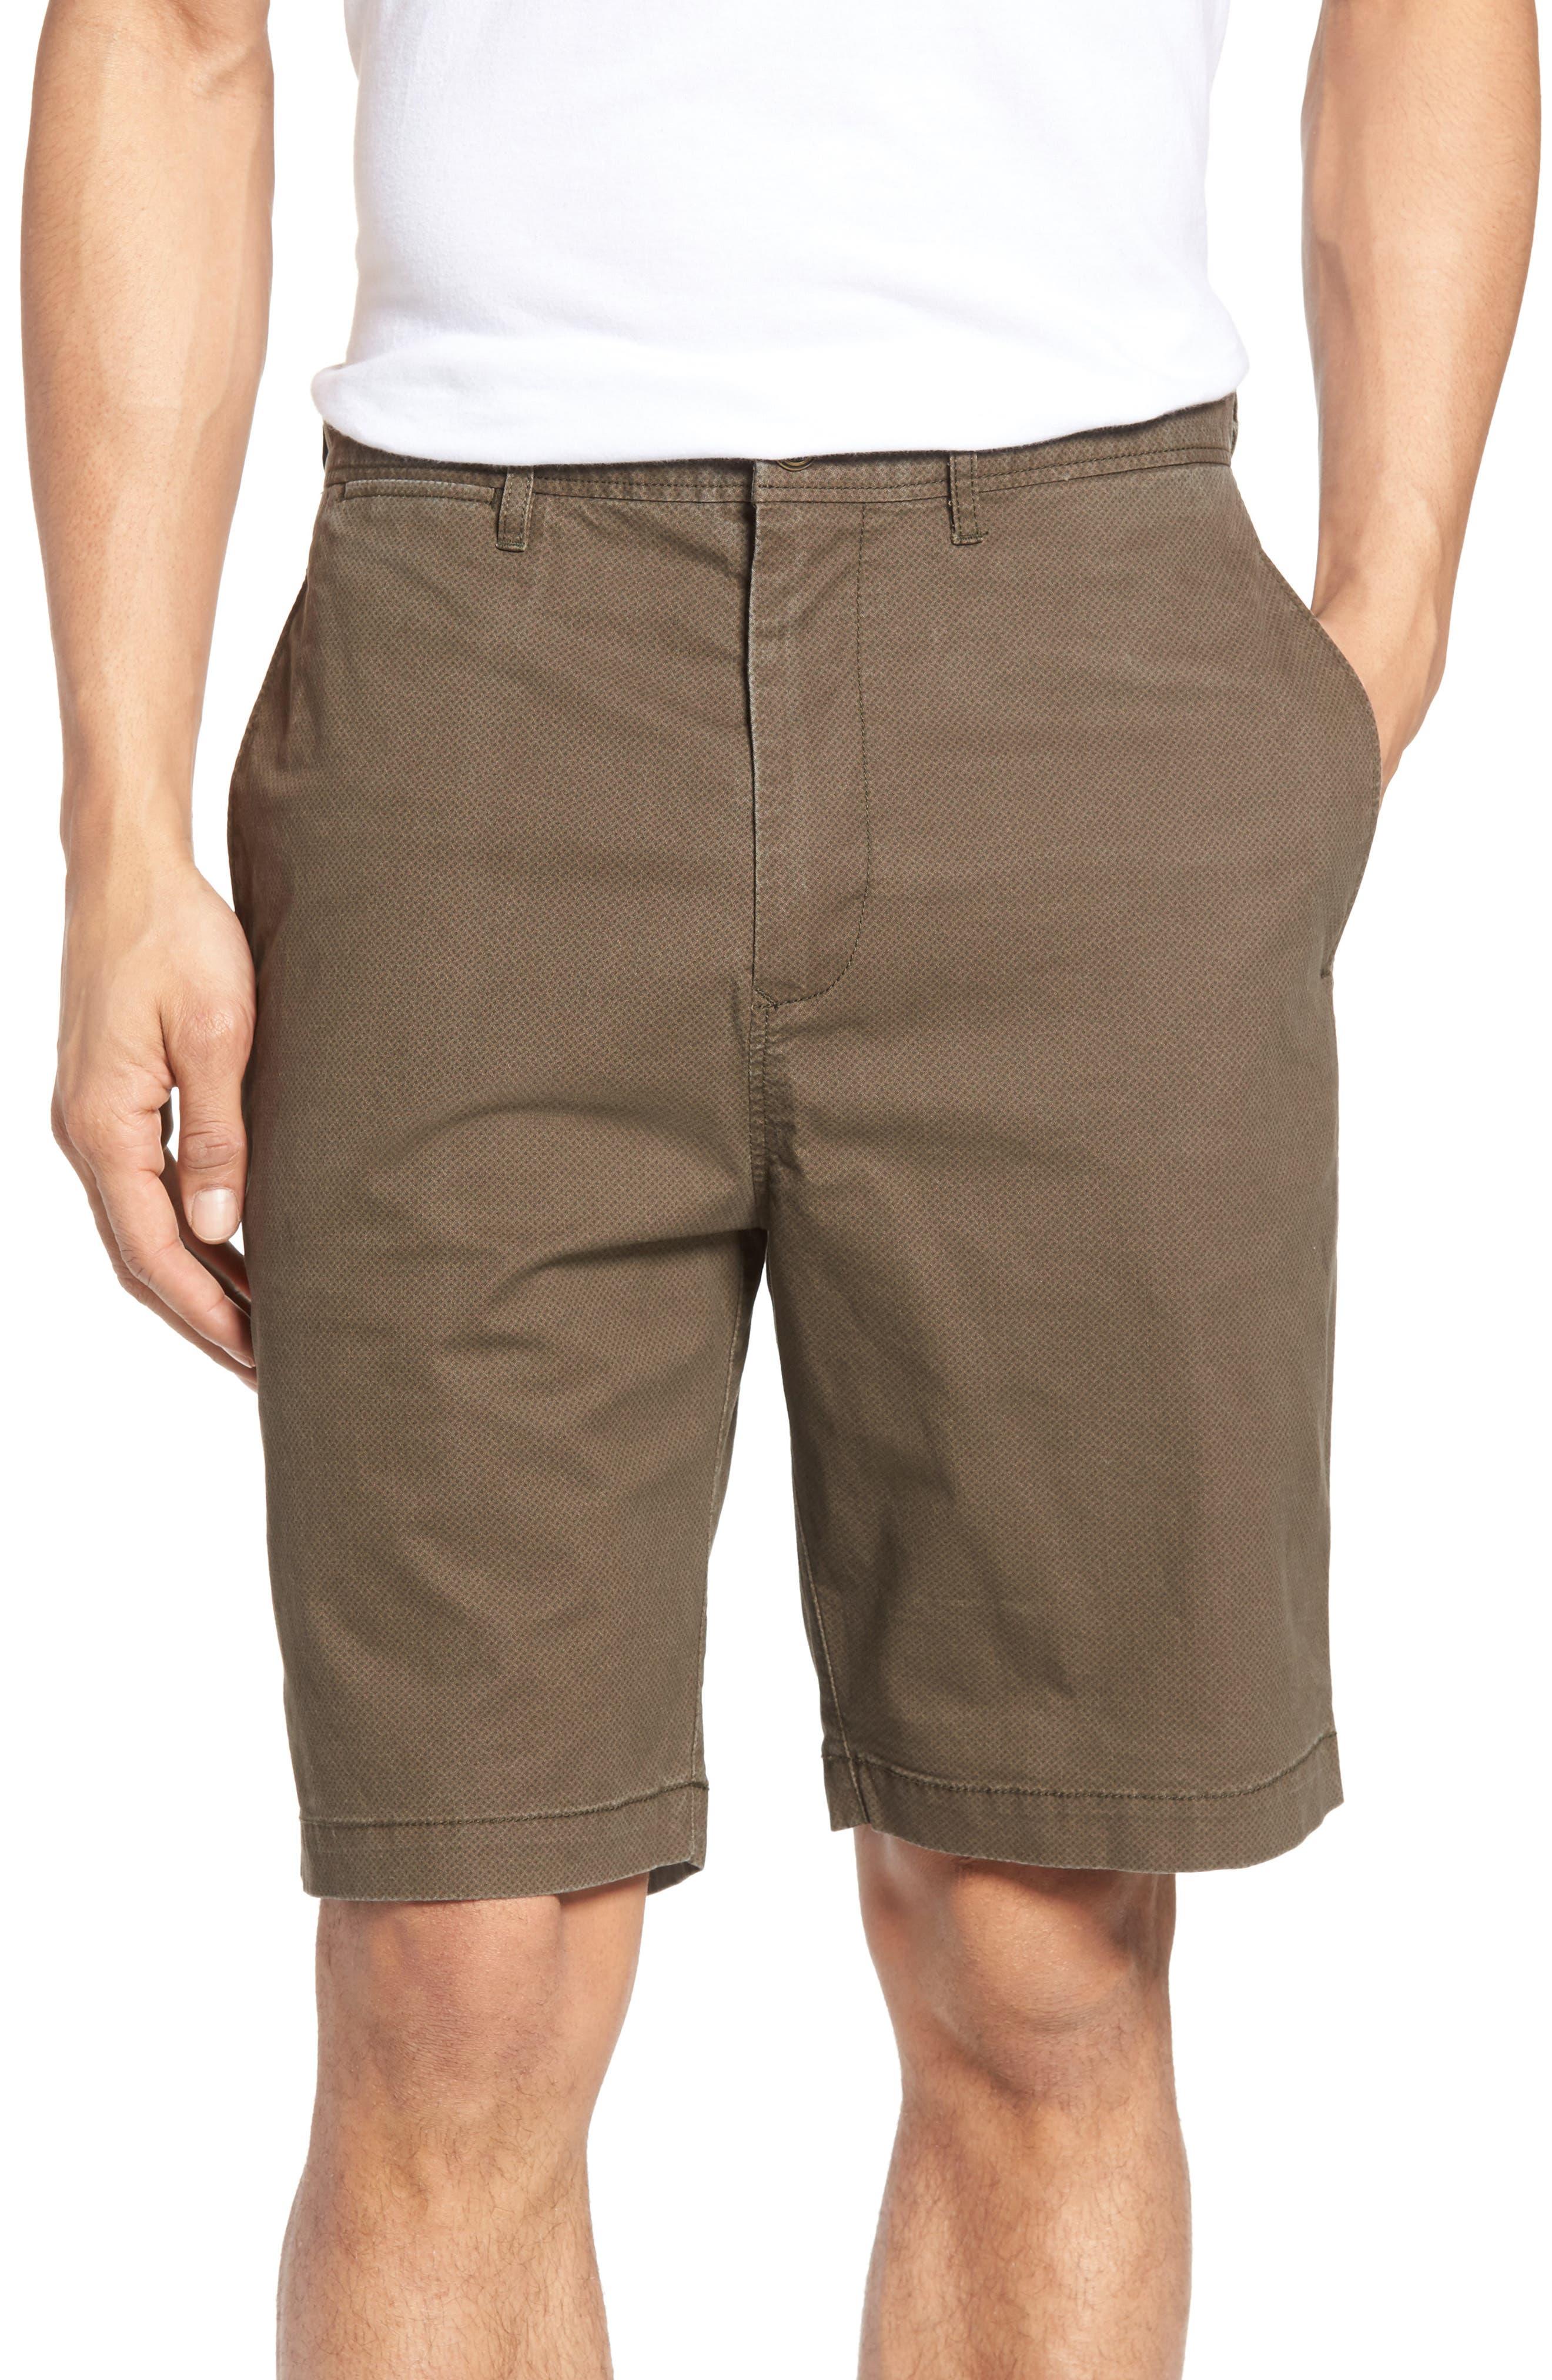 Benneydale Shorts,                         Main,                         color, Olive